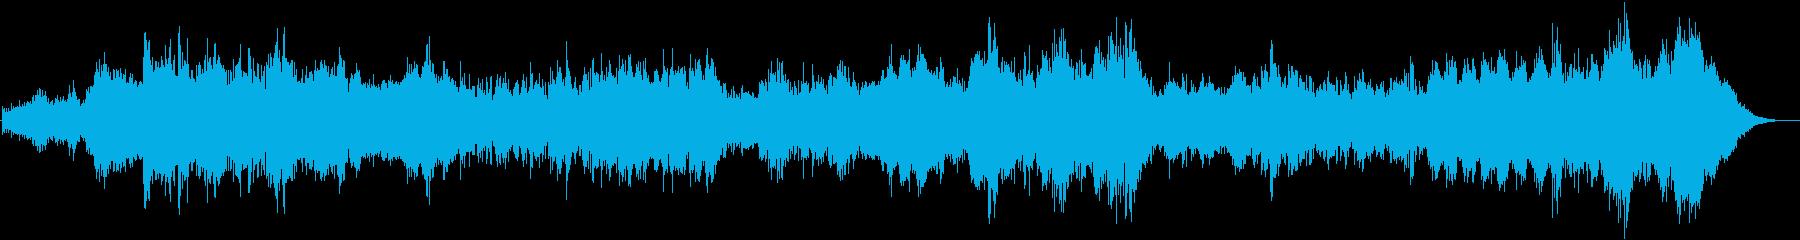 暗い心理スリラー-オープニングクレ...の再生済みの波形